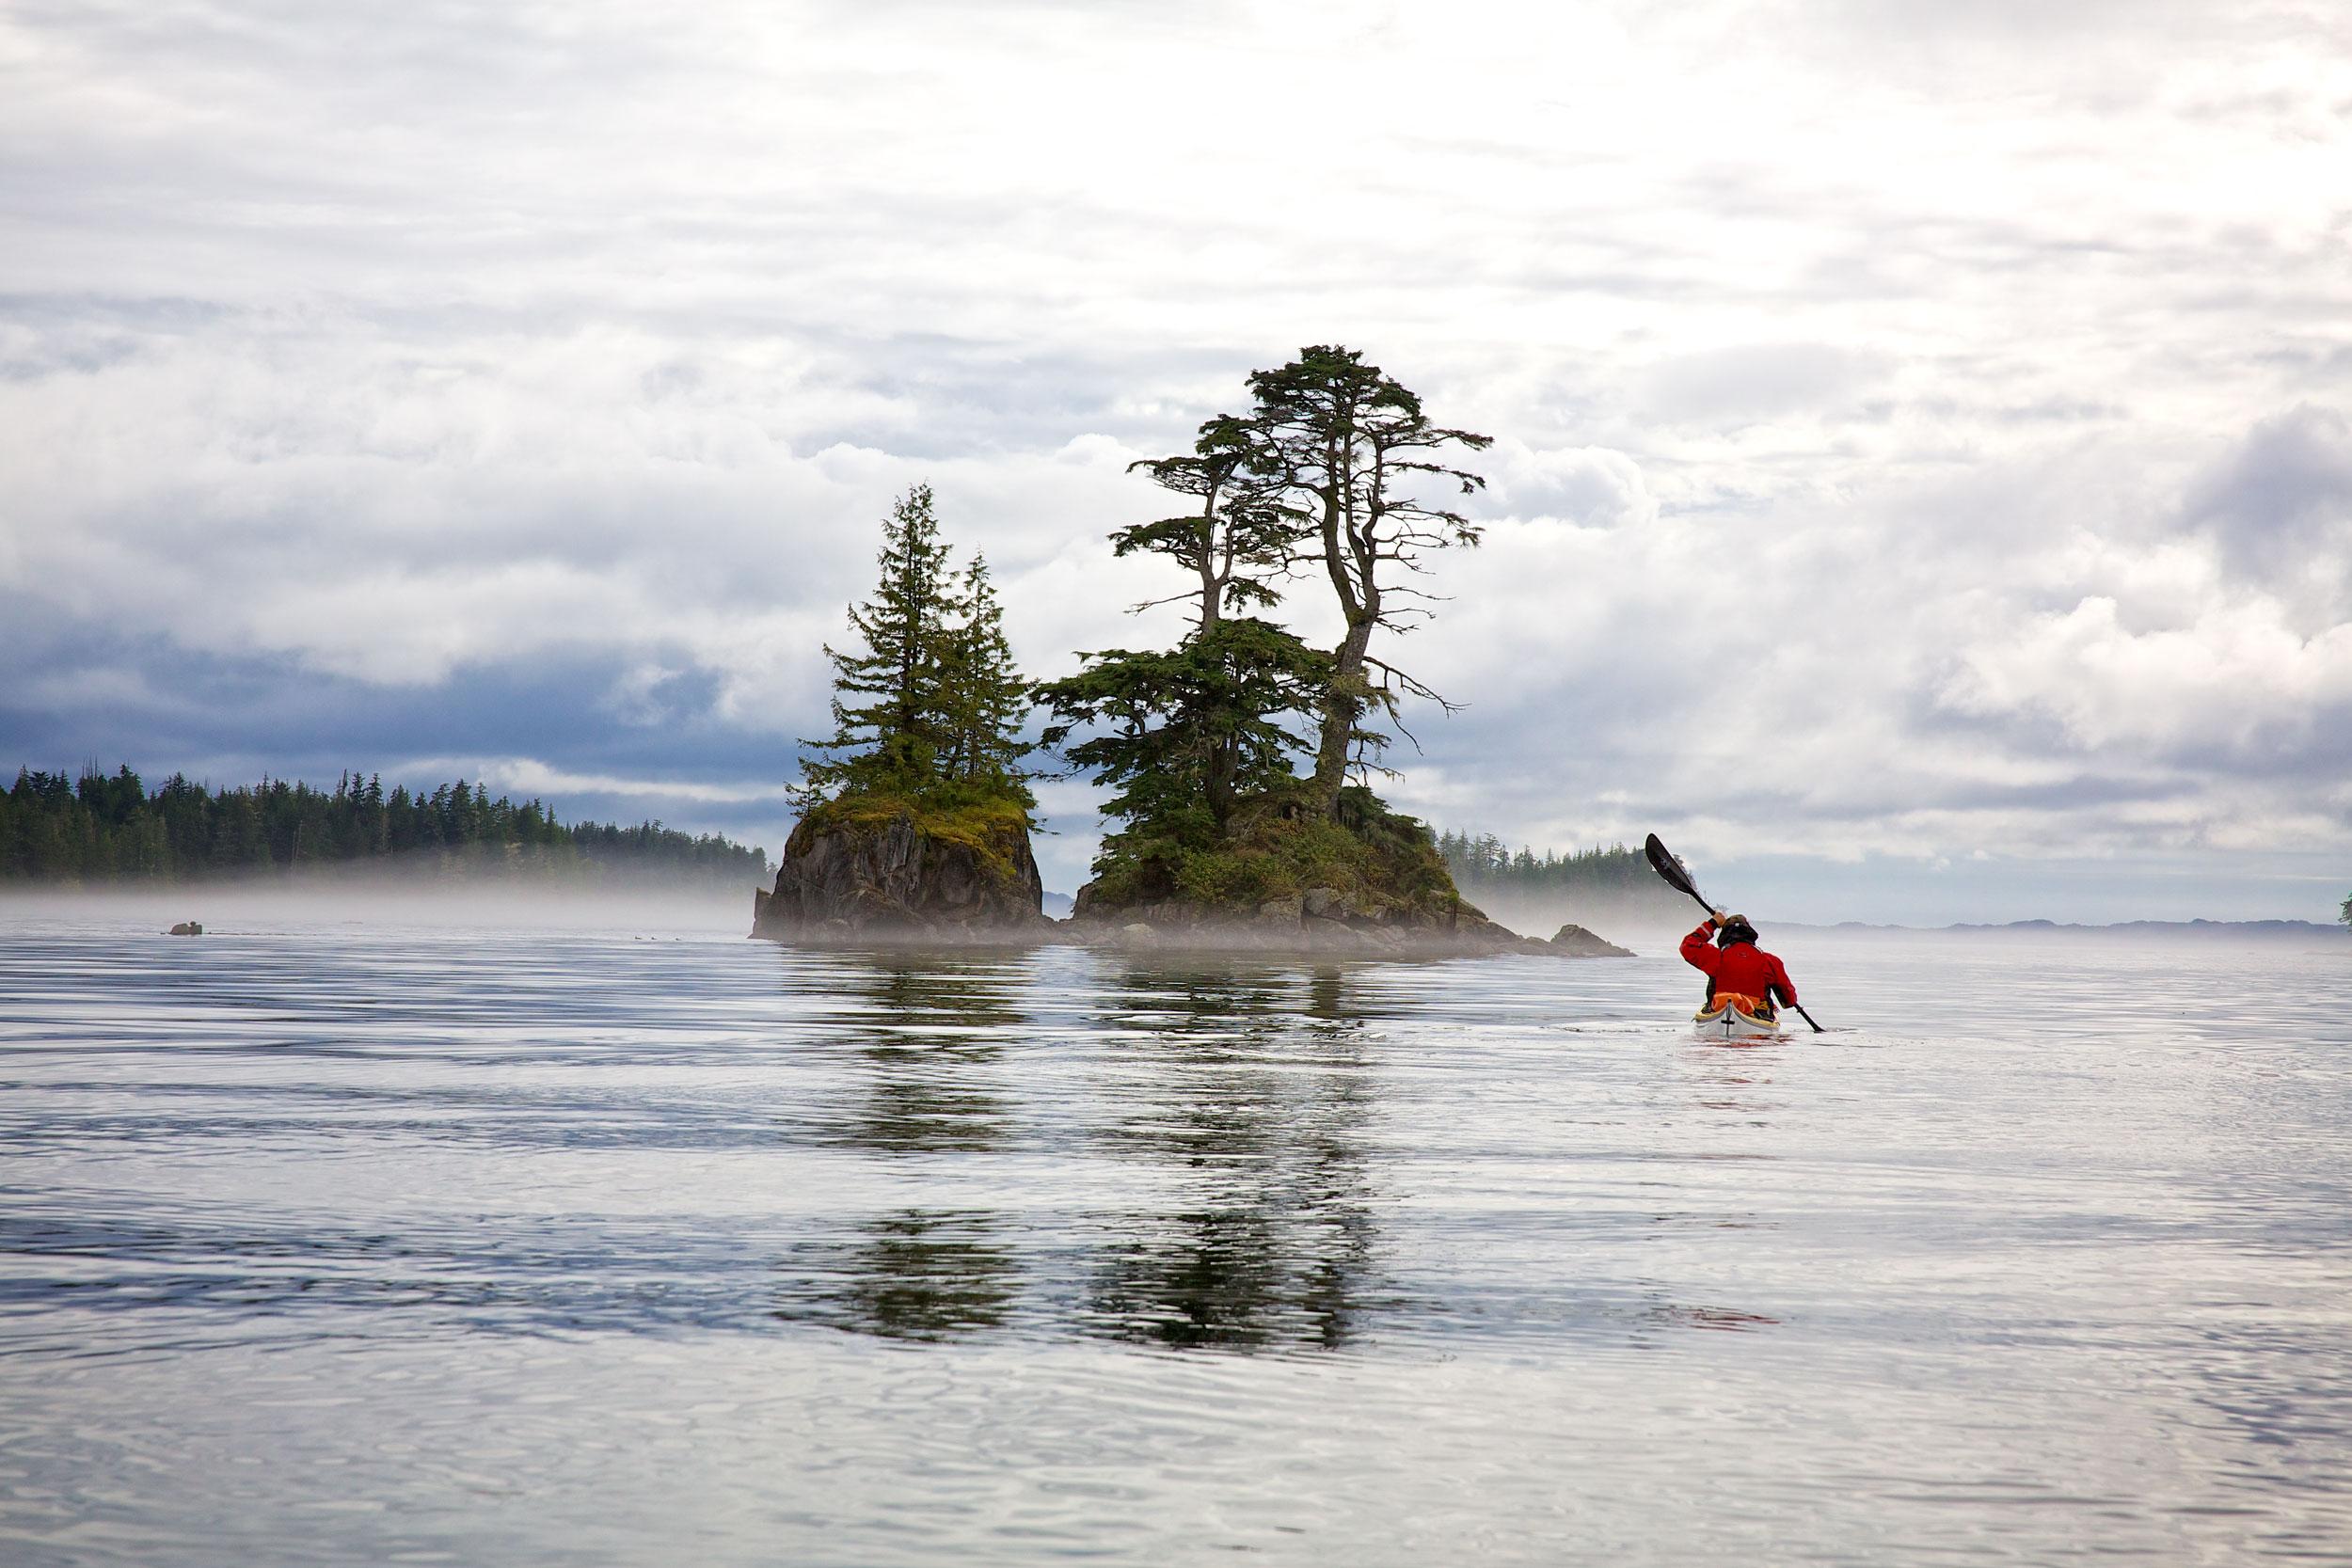 """Ursula, unterwegs an der Pazifik-Nordwestküste mit einem NDK Explorer. Sie paddelt übrigens auch hier """"zuhause"""" einen Explorer."""